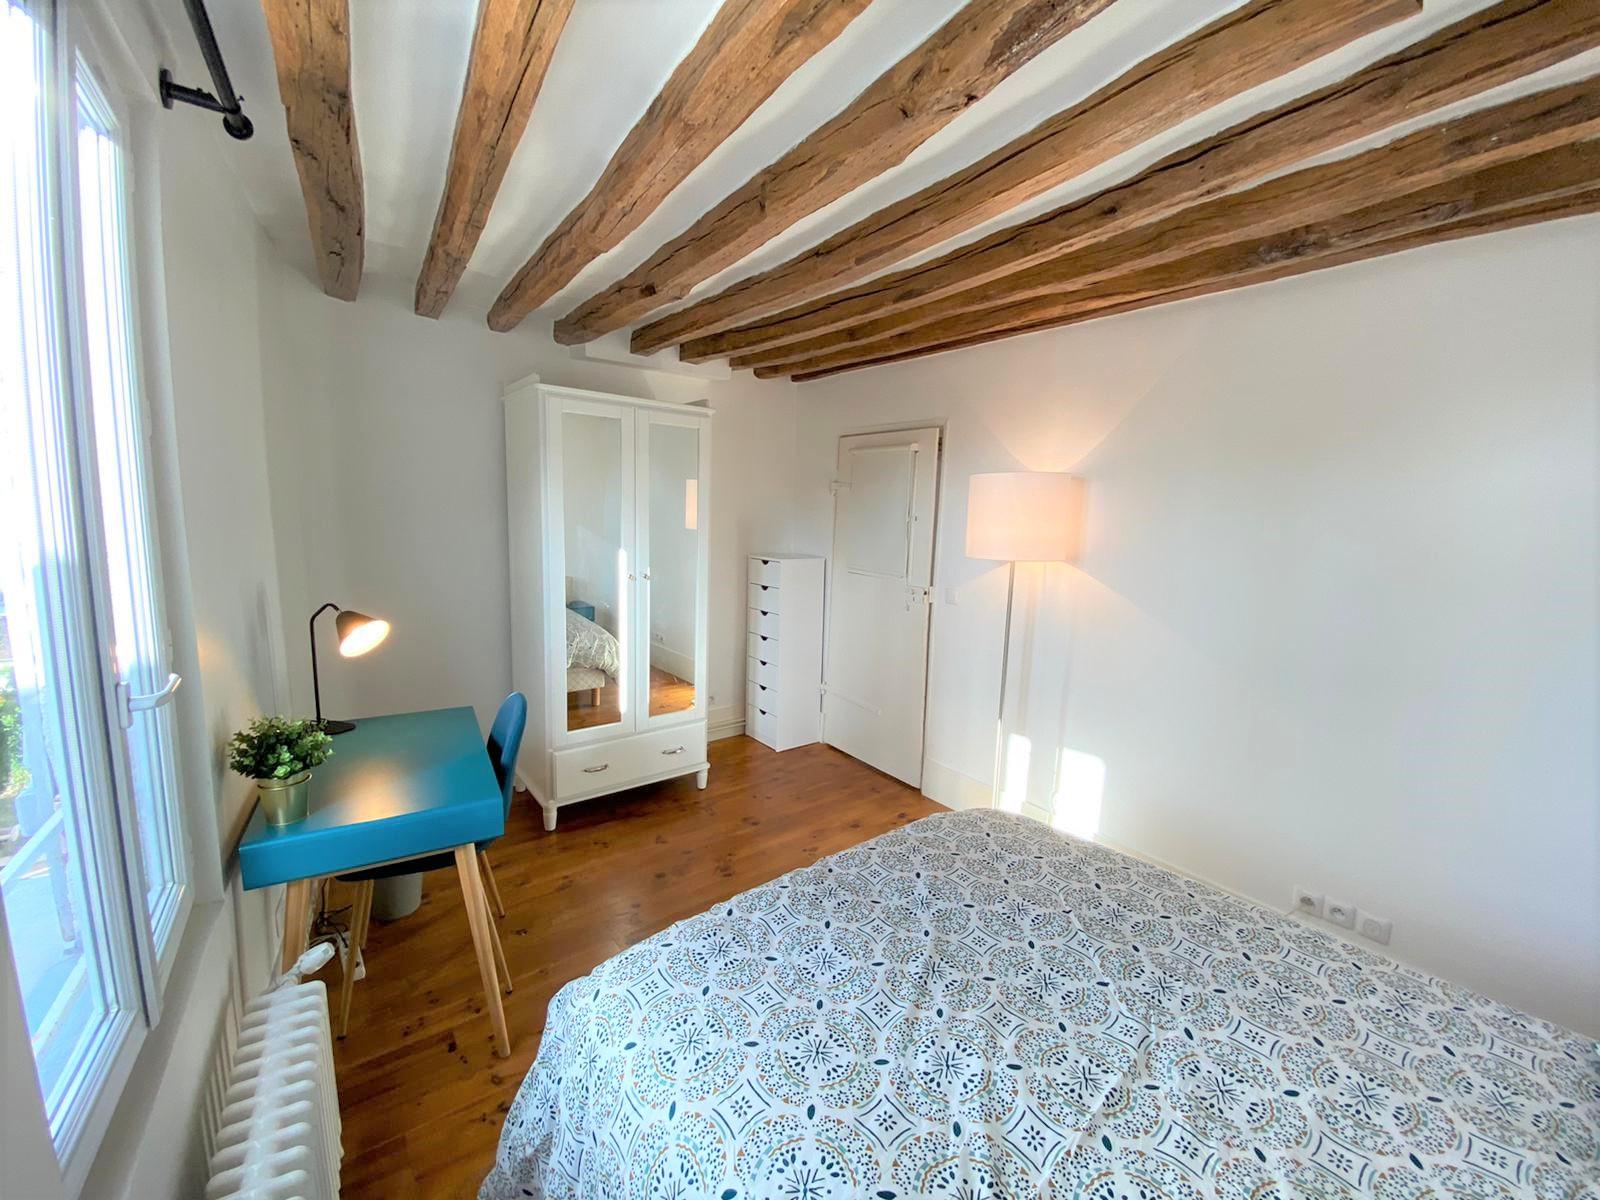 Bedroom 3 Insead MBA housing rental fonty flats